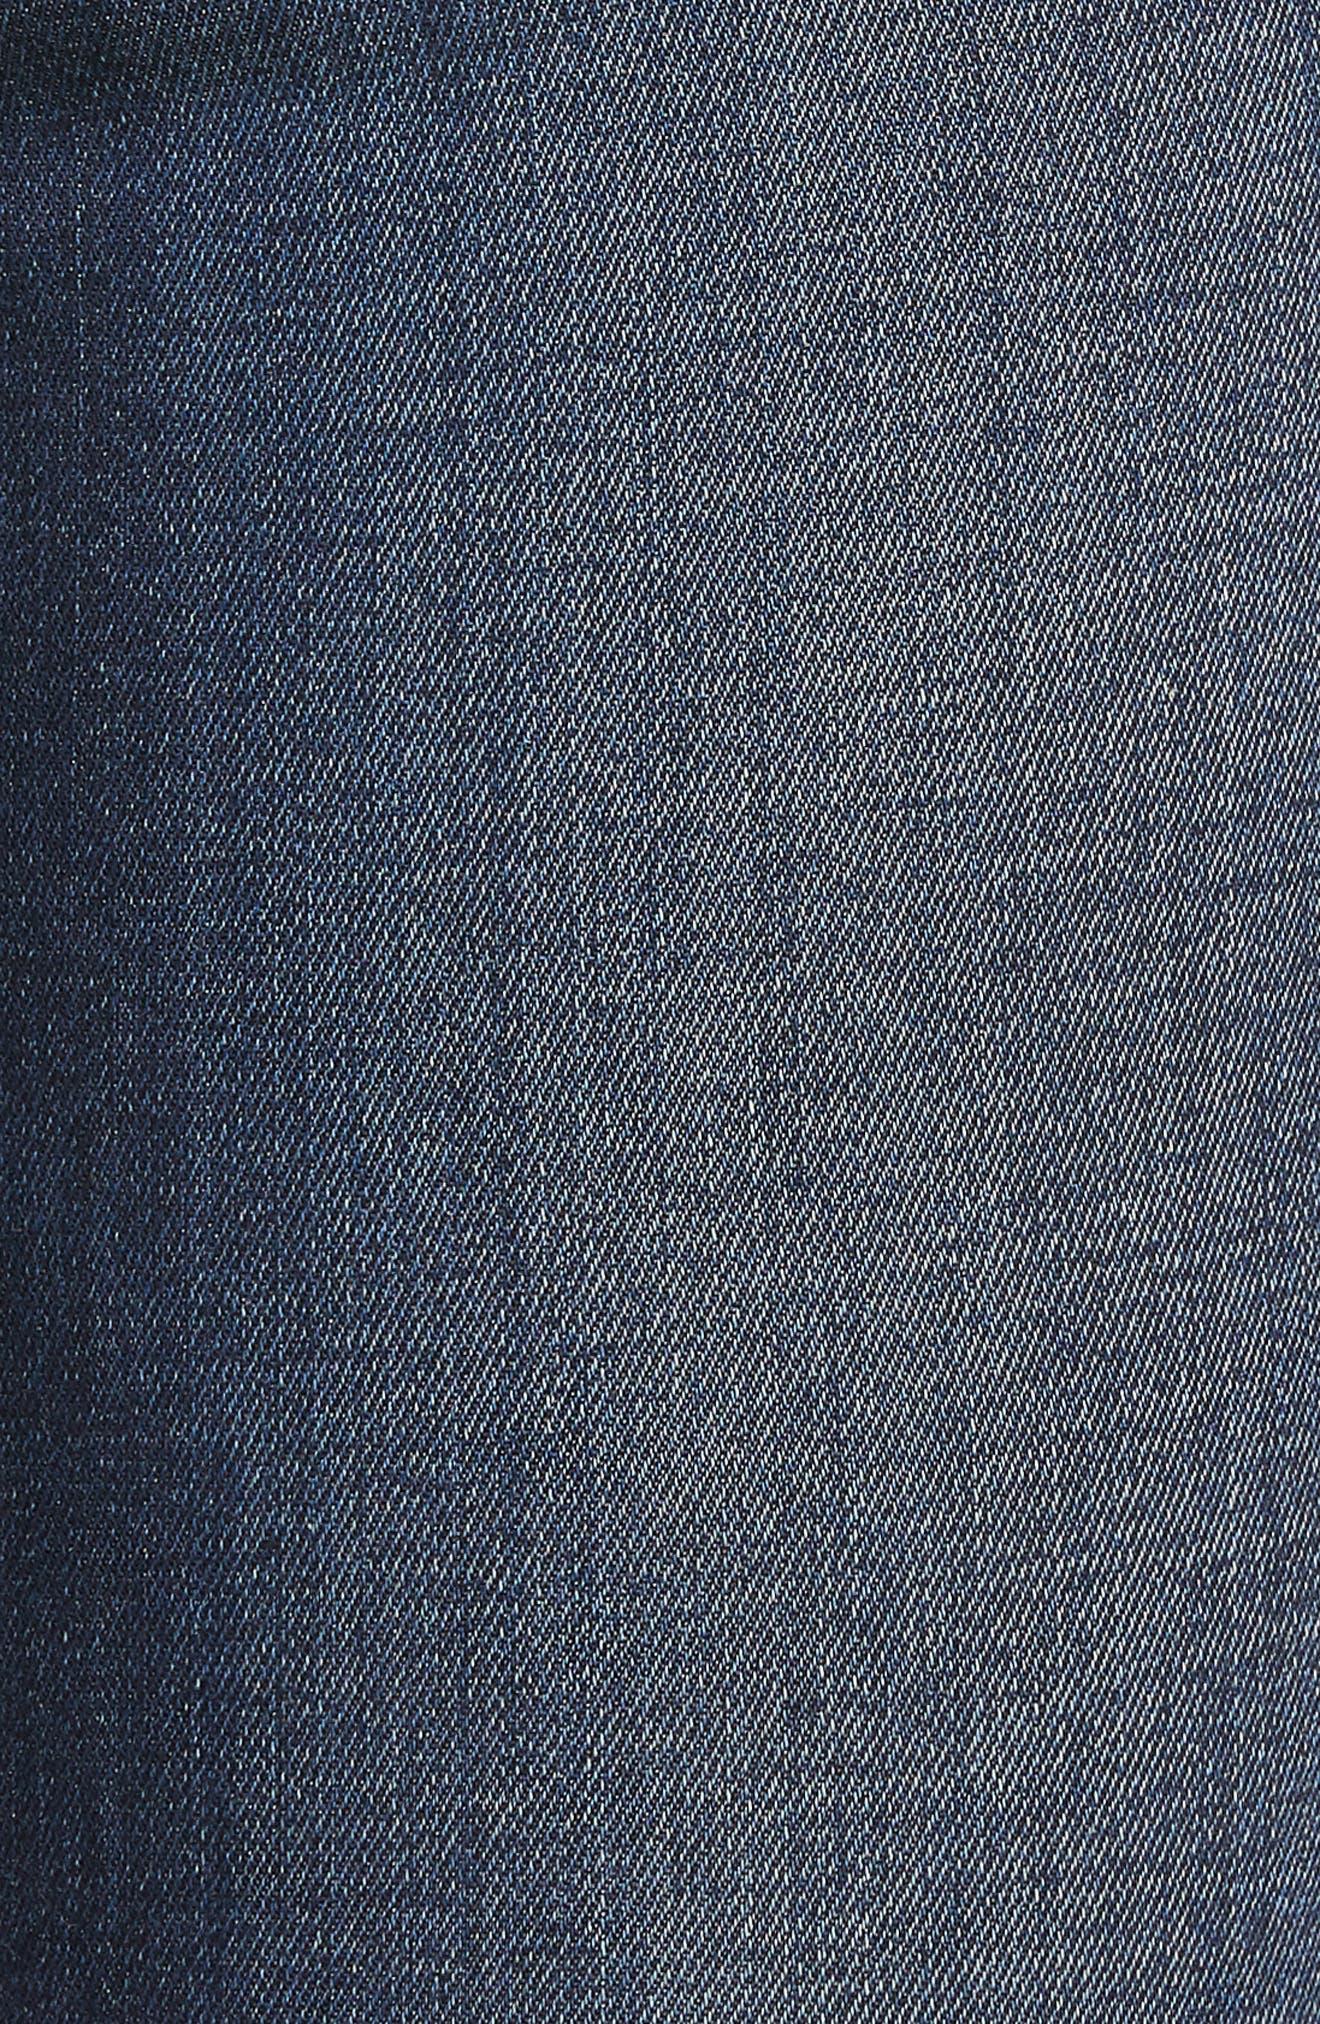 Palo Double Bite Crop Jeans,                             Alternate thumbnail 6, color,